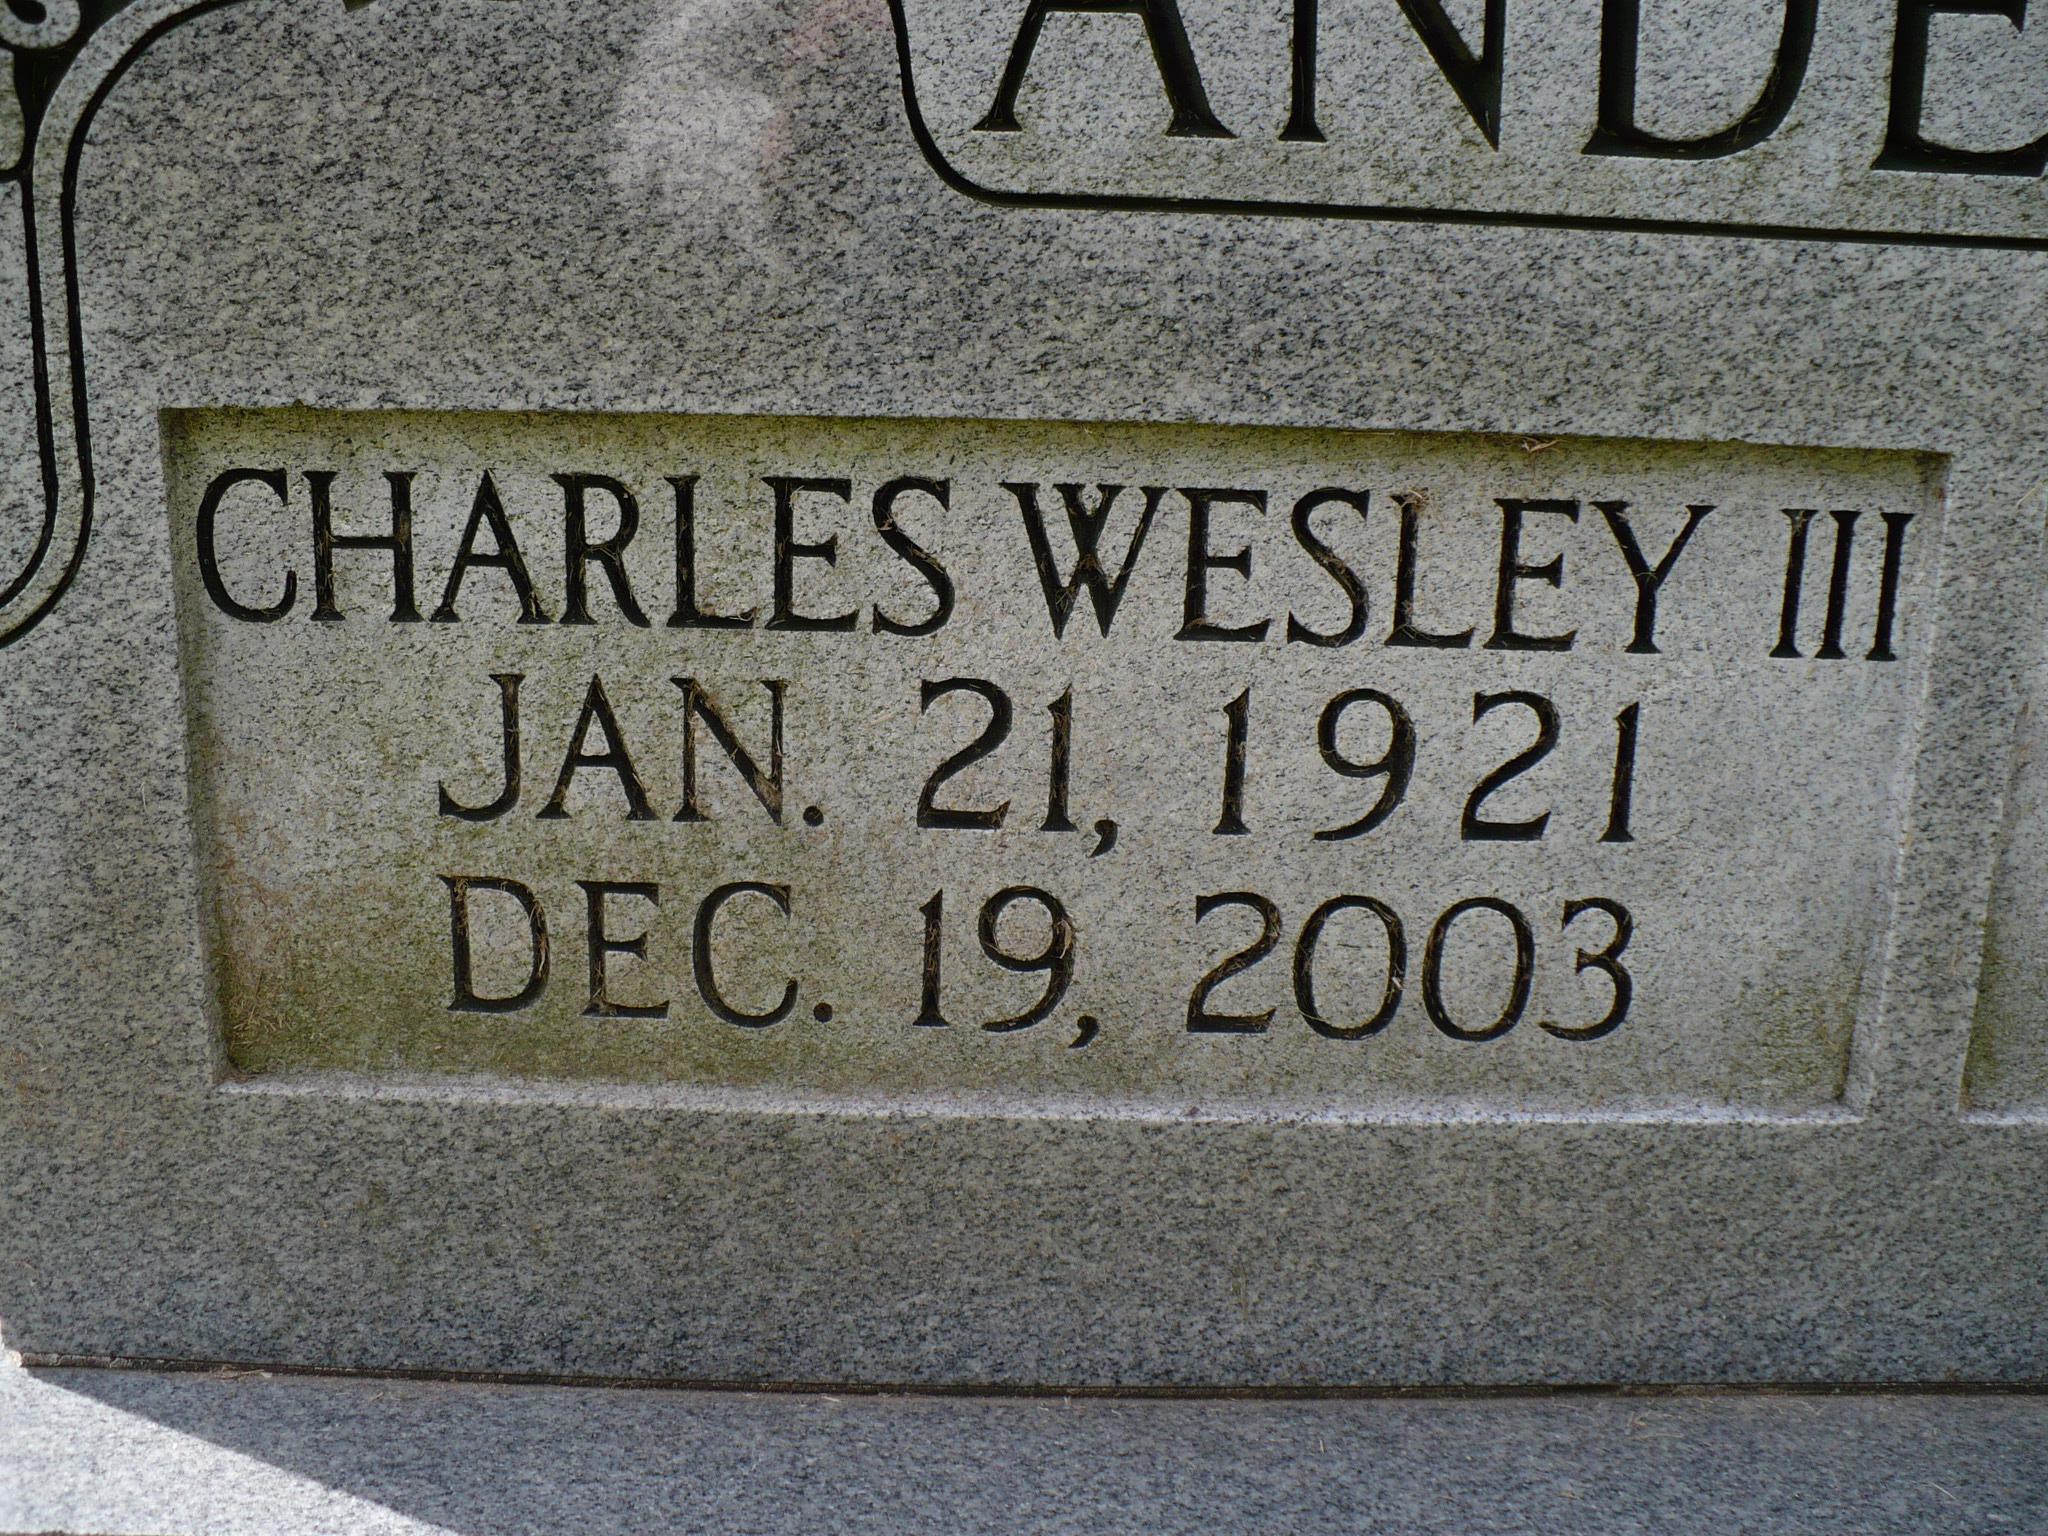 Charles Wesley Anderson, III